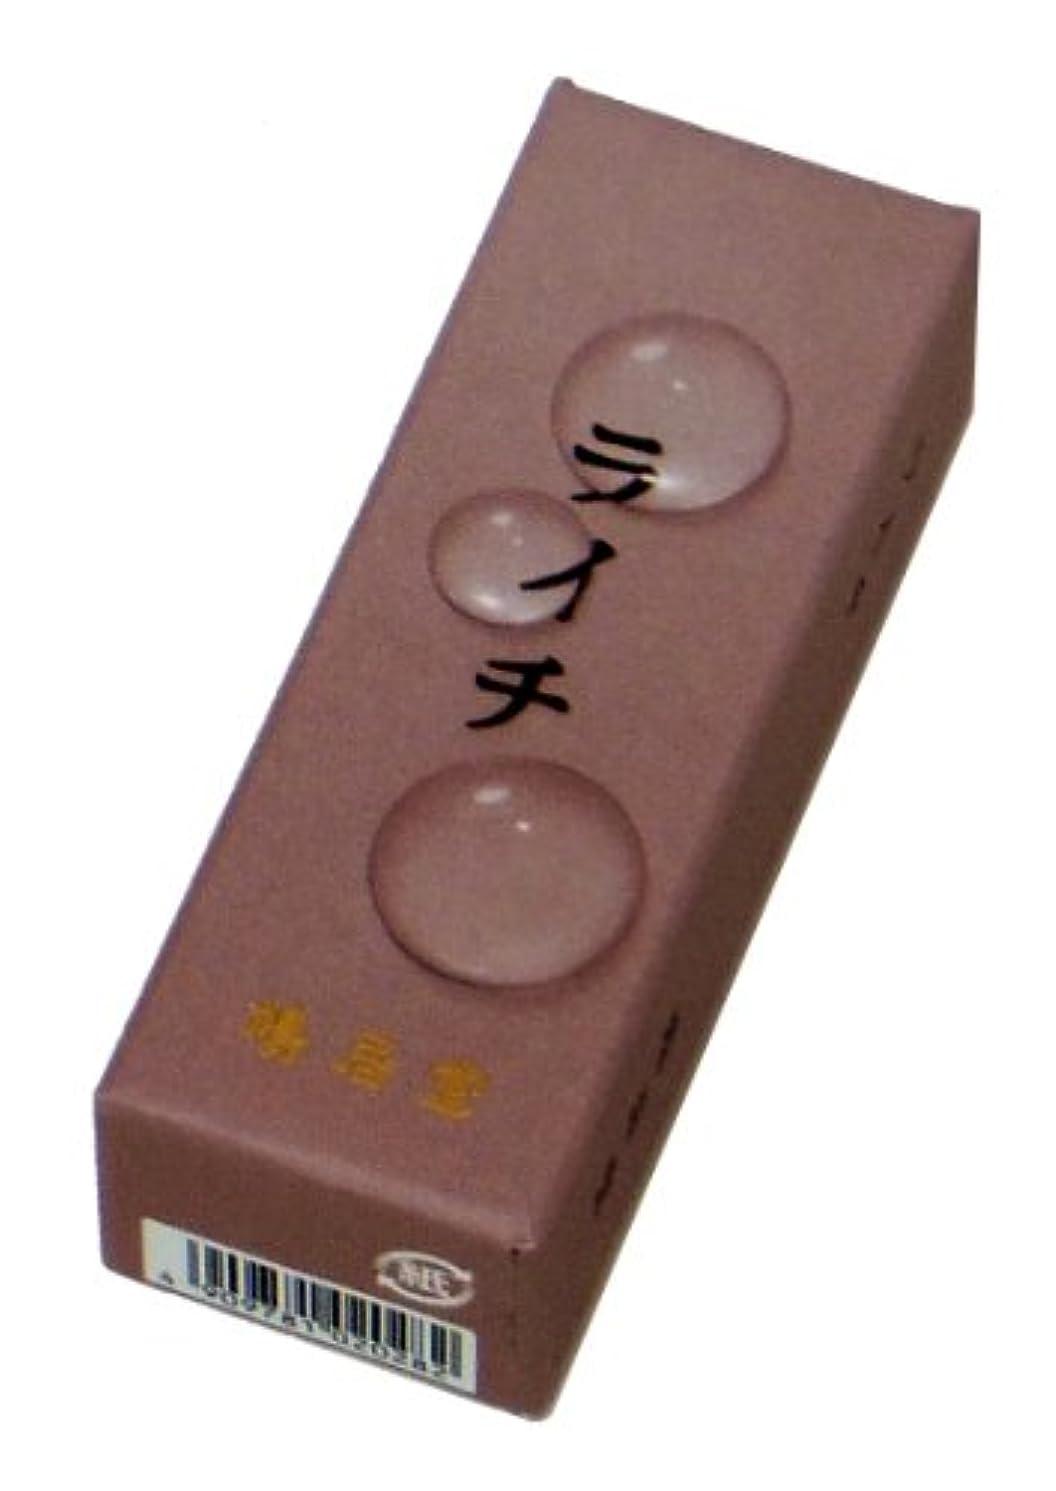 精査リングレット天使鳩居堂のお香 果実の香り ライチ 20本入 6cm